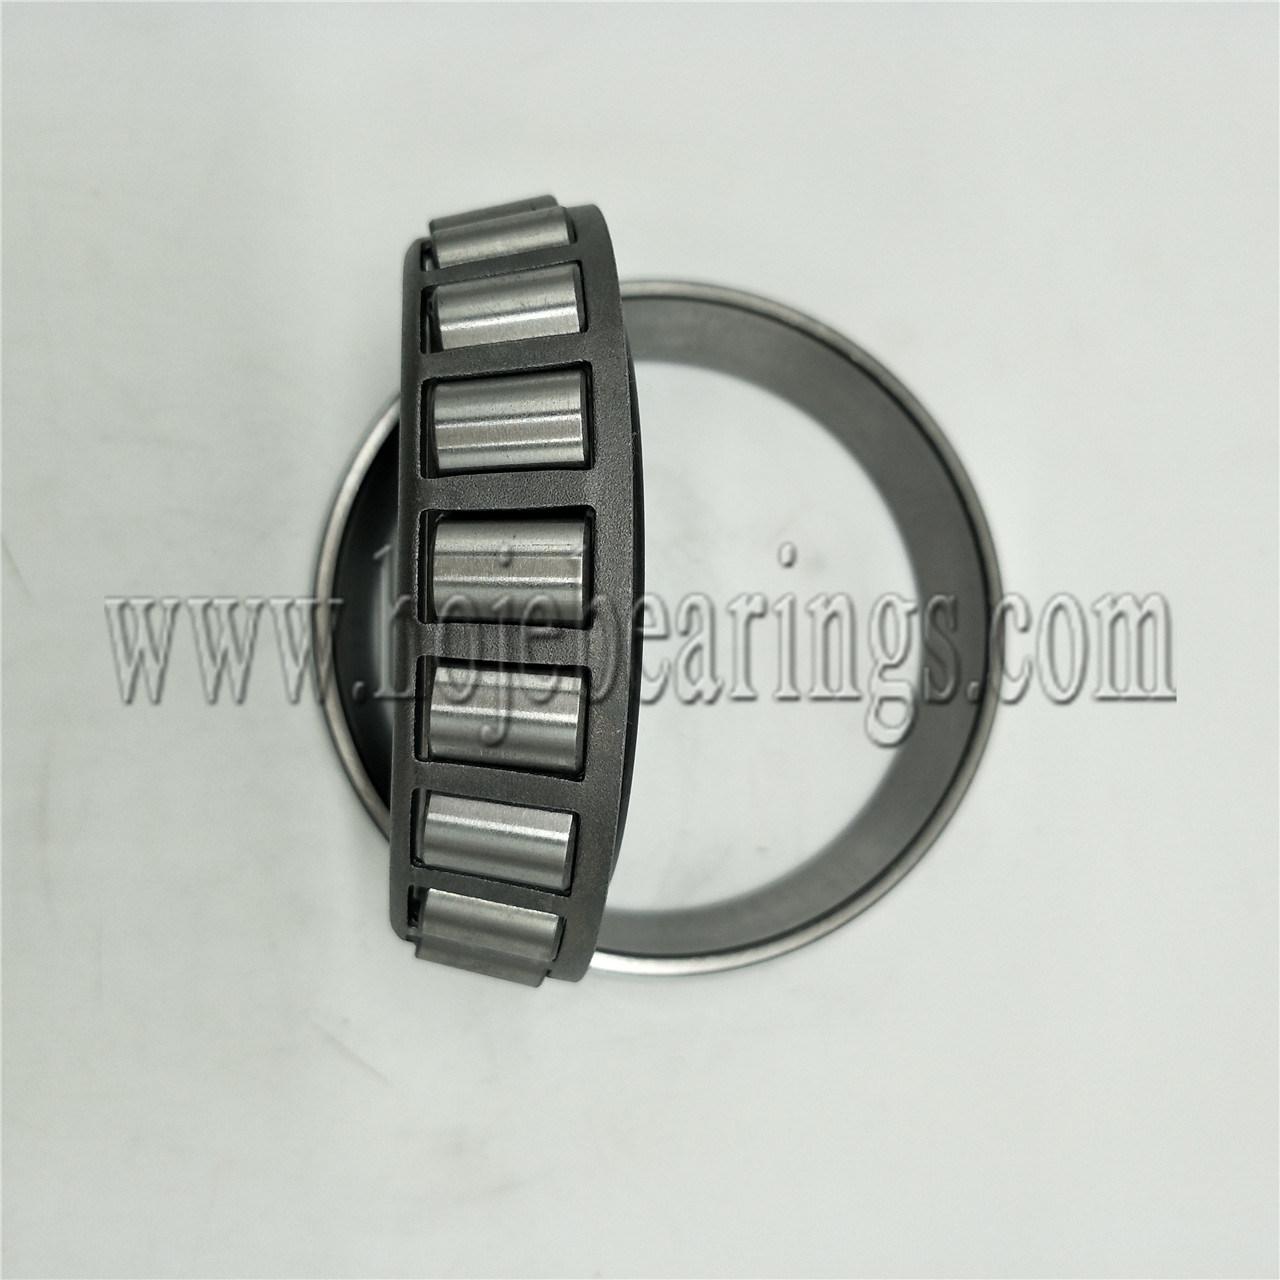 M201047/M201011 Taper Roller Bearing, Tapered Roller Bearing Set, Rolling Bearing